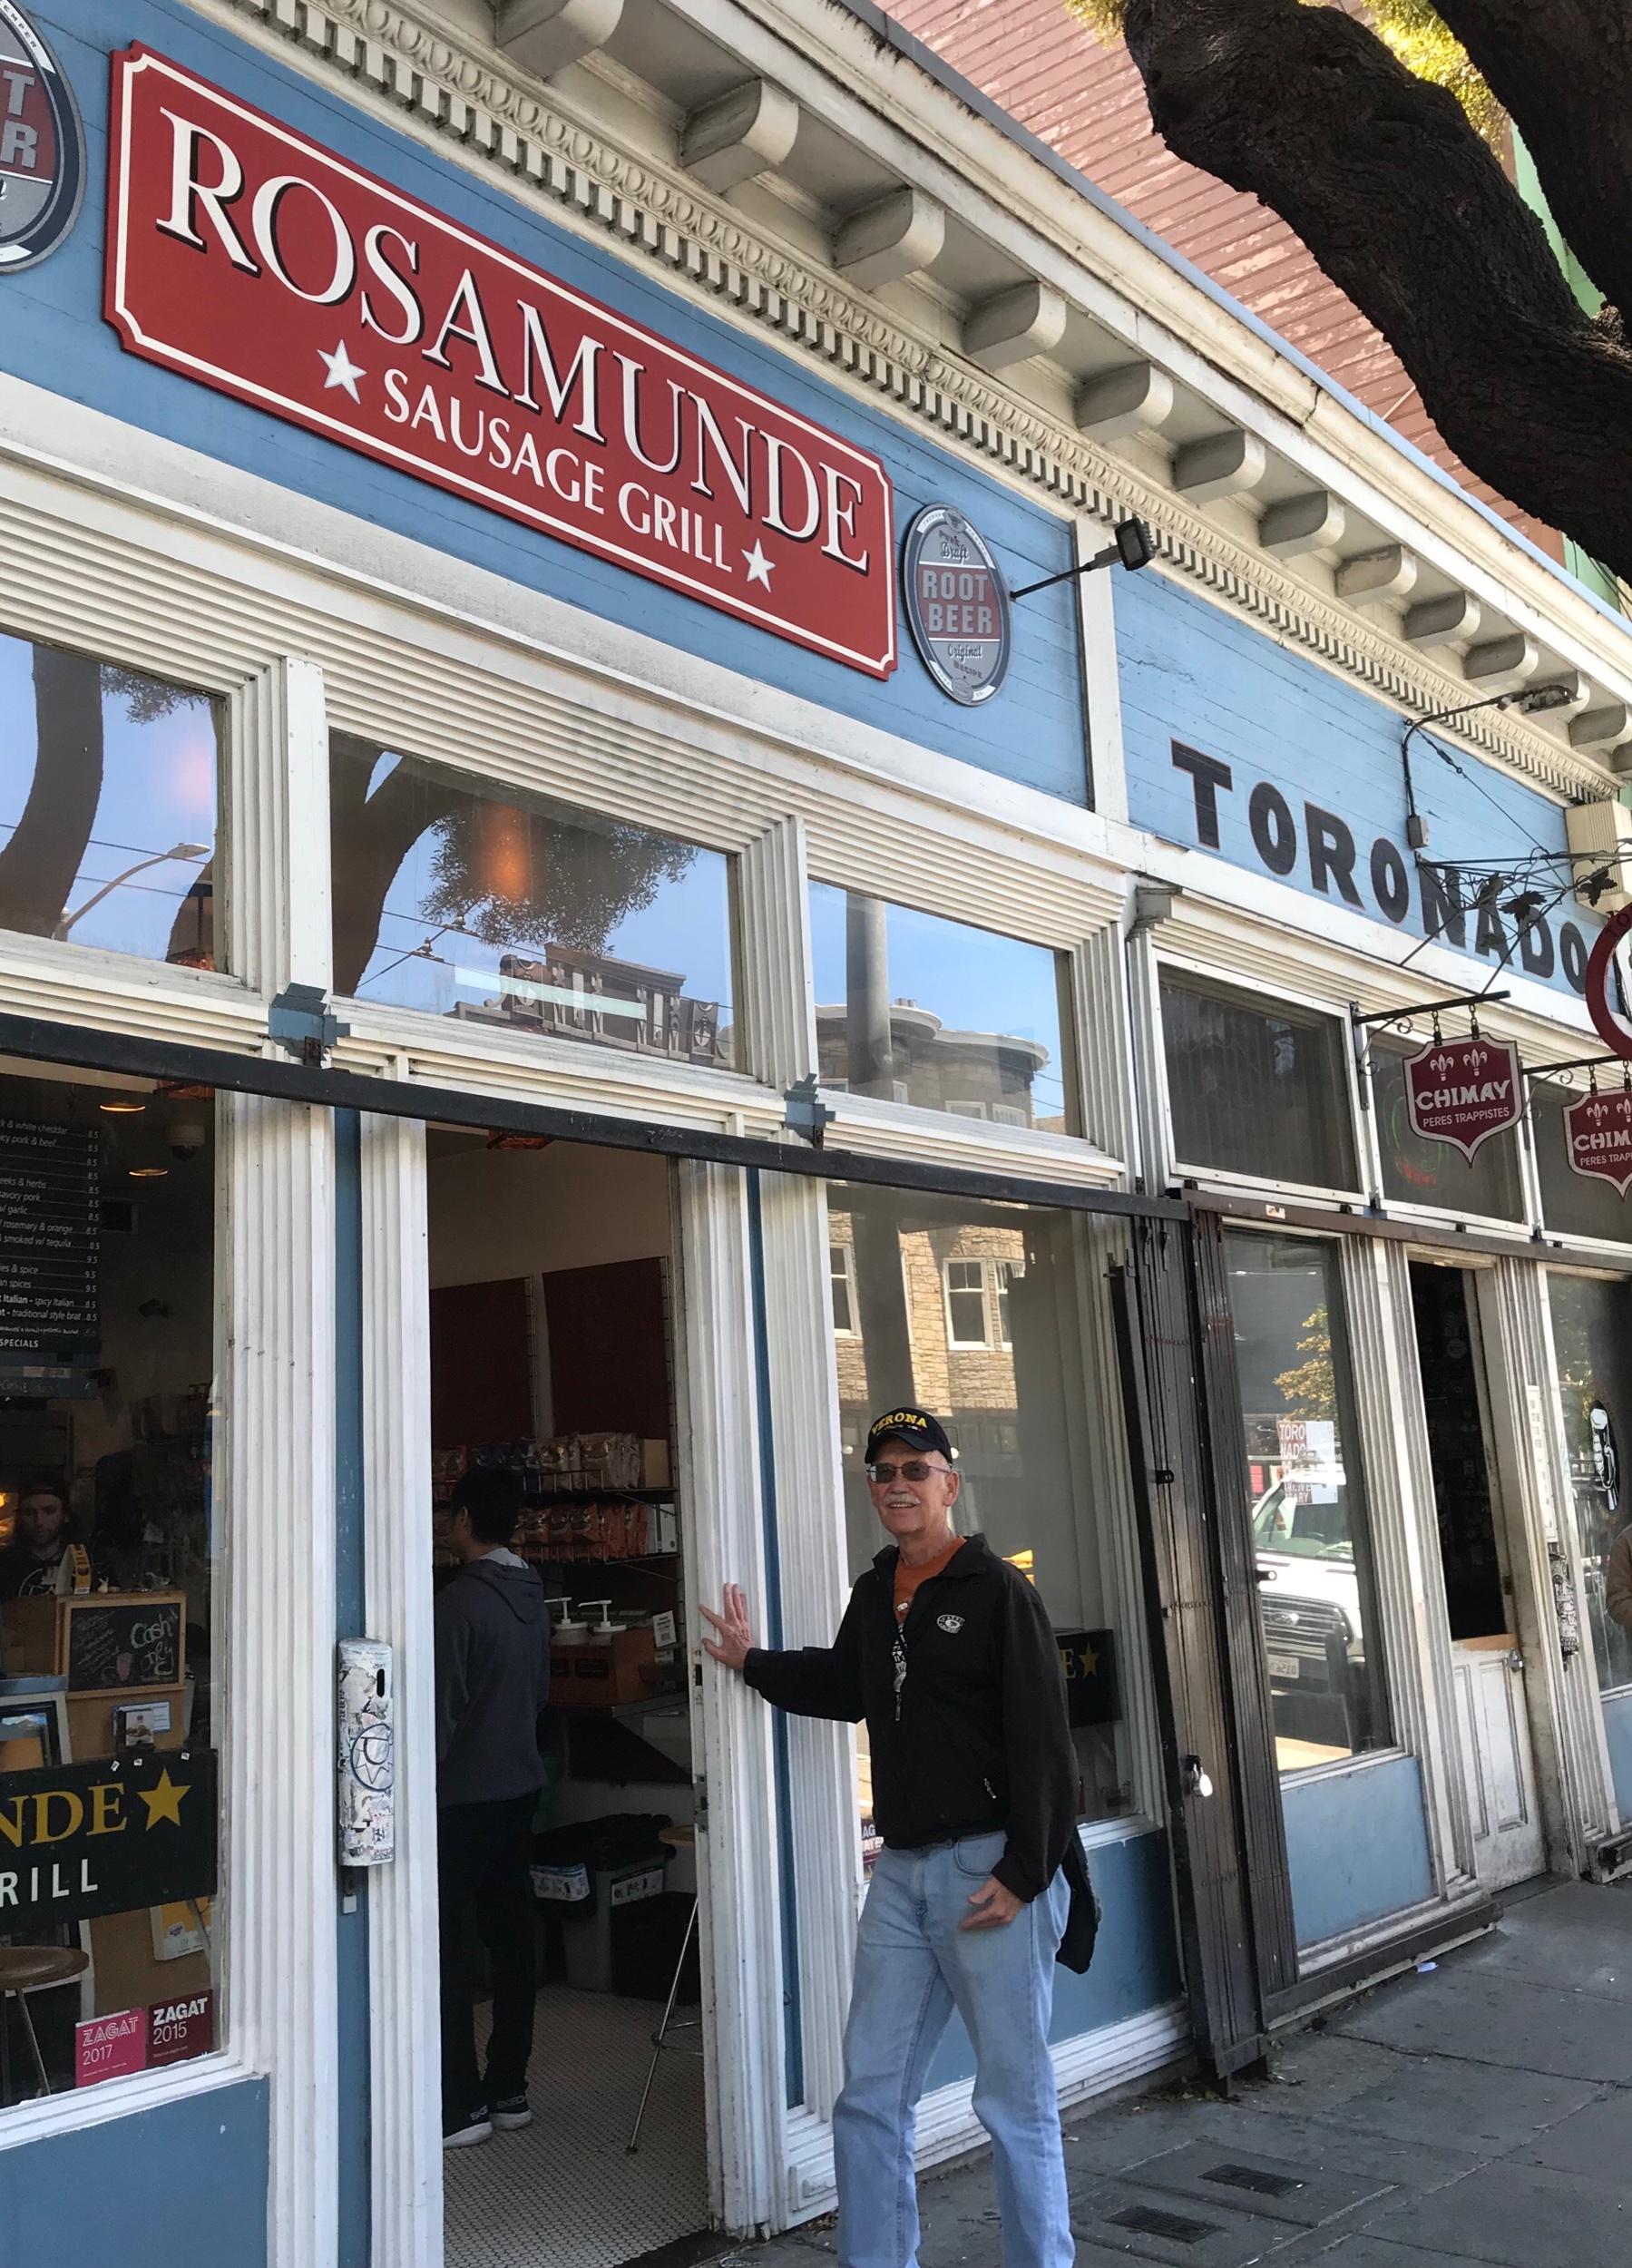 Our Sponsor Rosamunde Sausage Grill